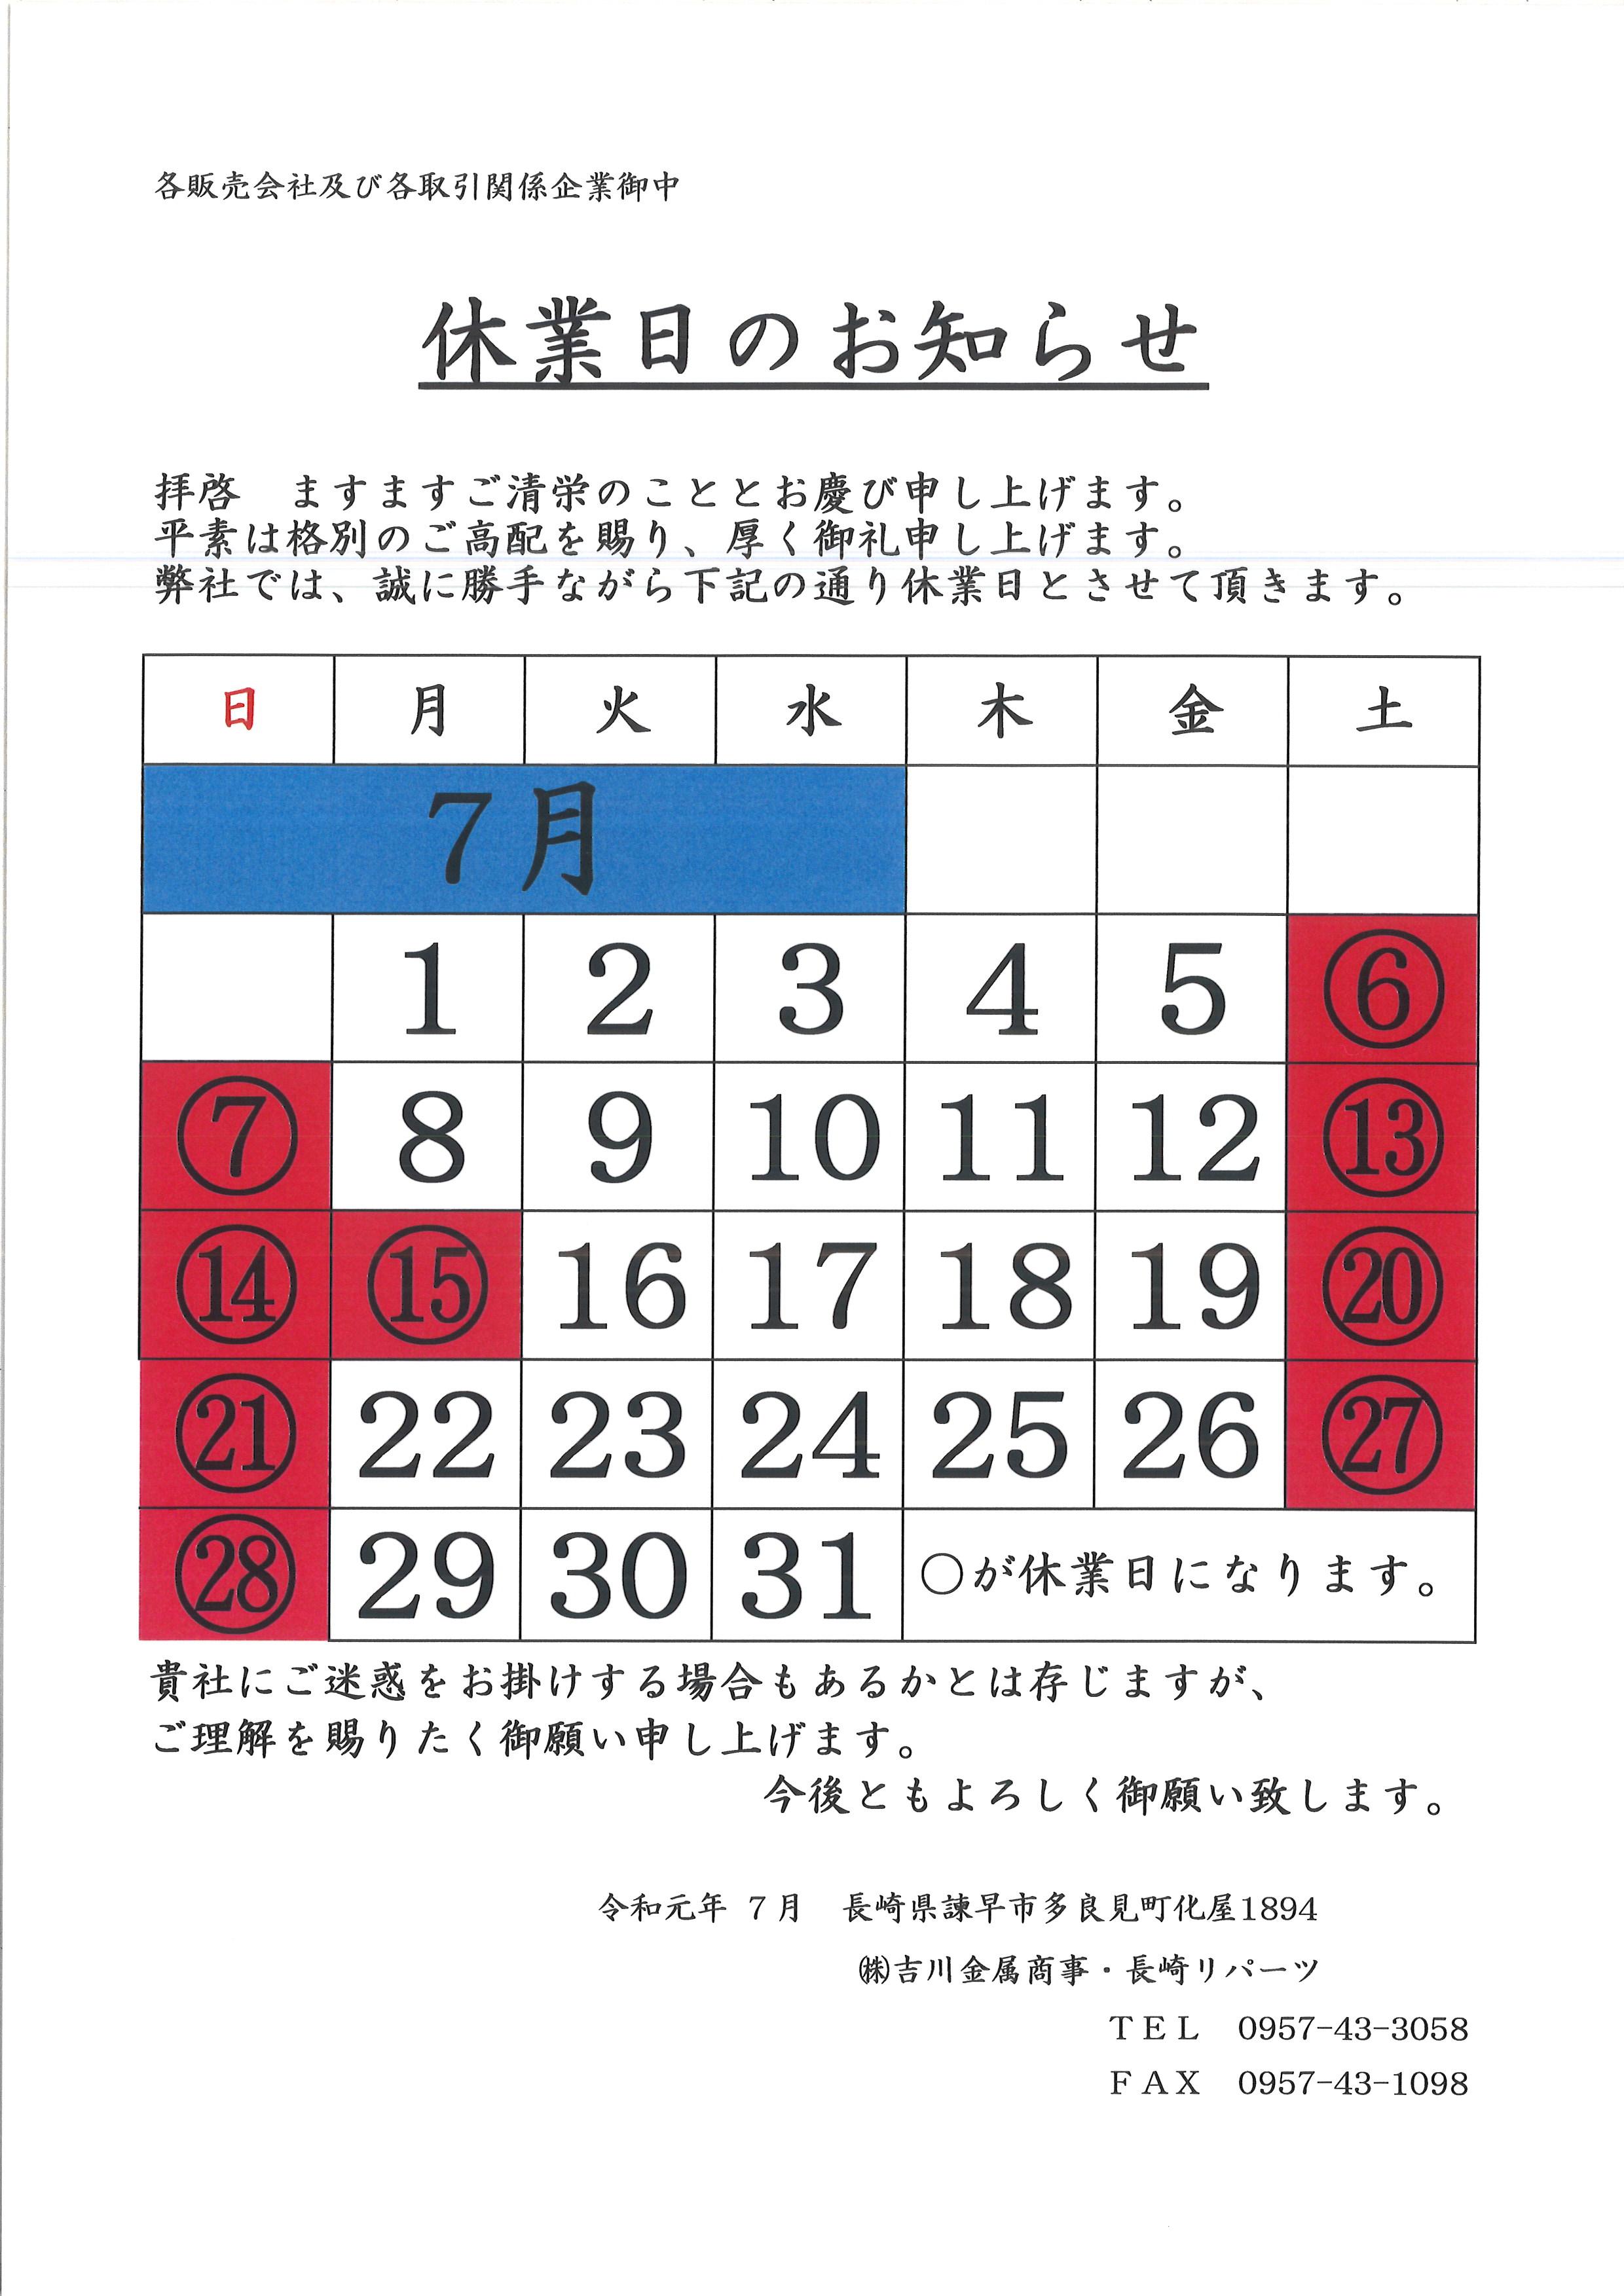 7月の休業日です。